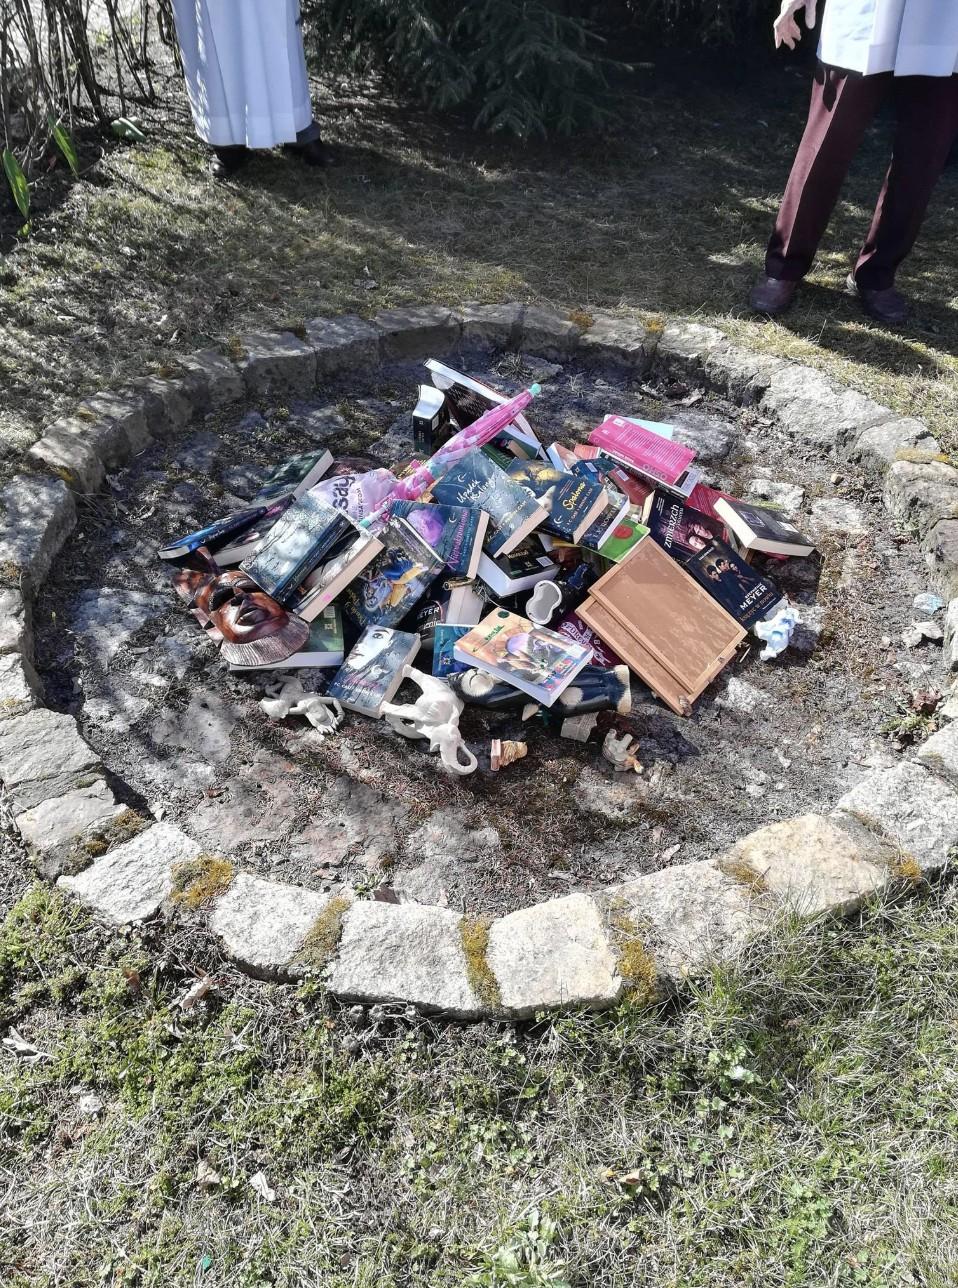 Queima de livros aconteceu na Polônia (Foto: Facebook Fundacja SMS Z NIEBA)